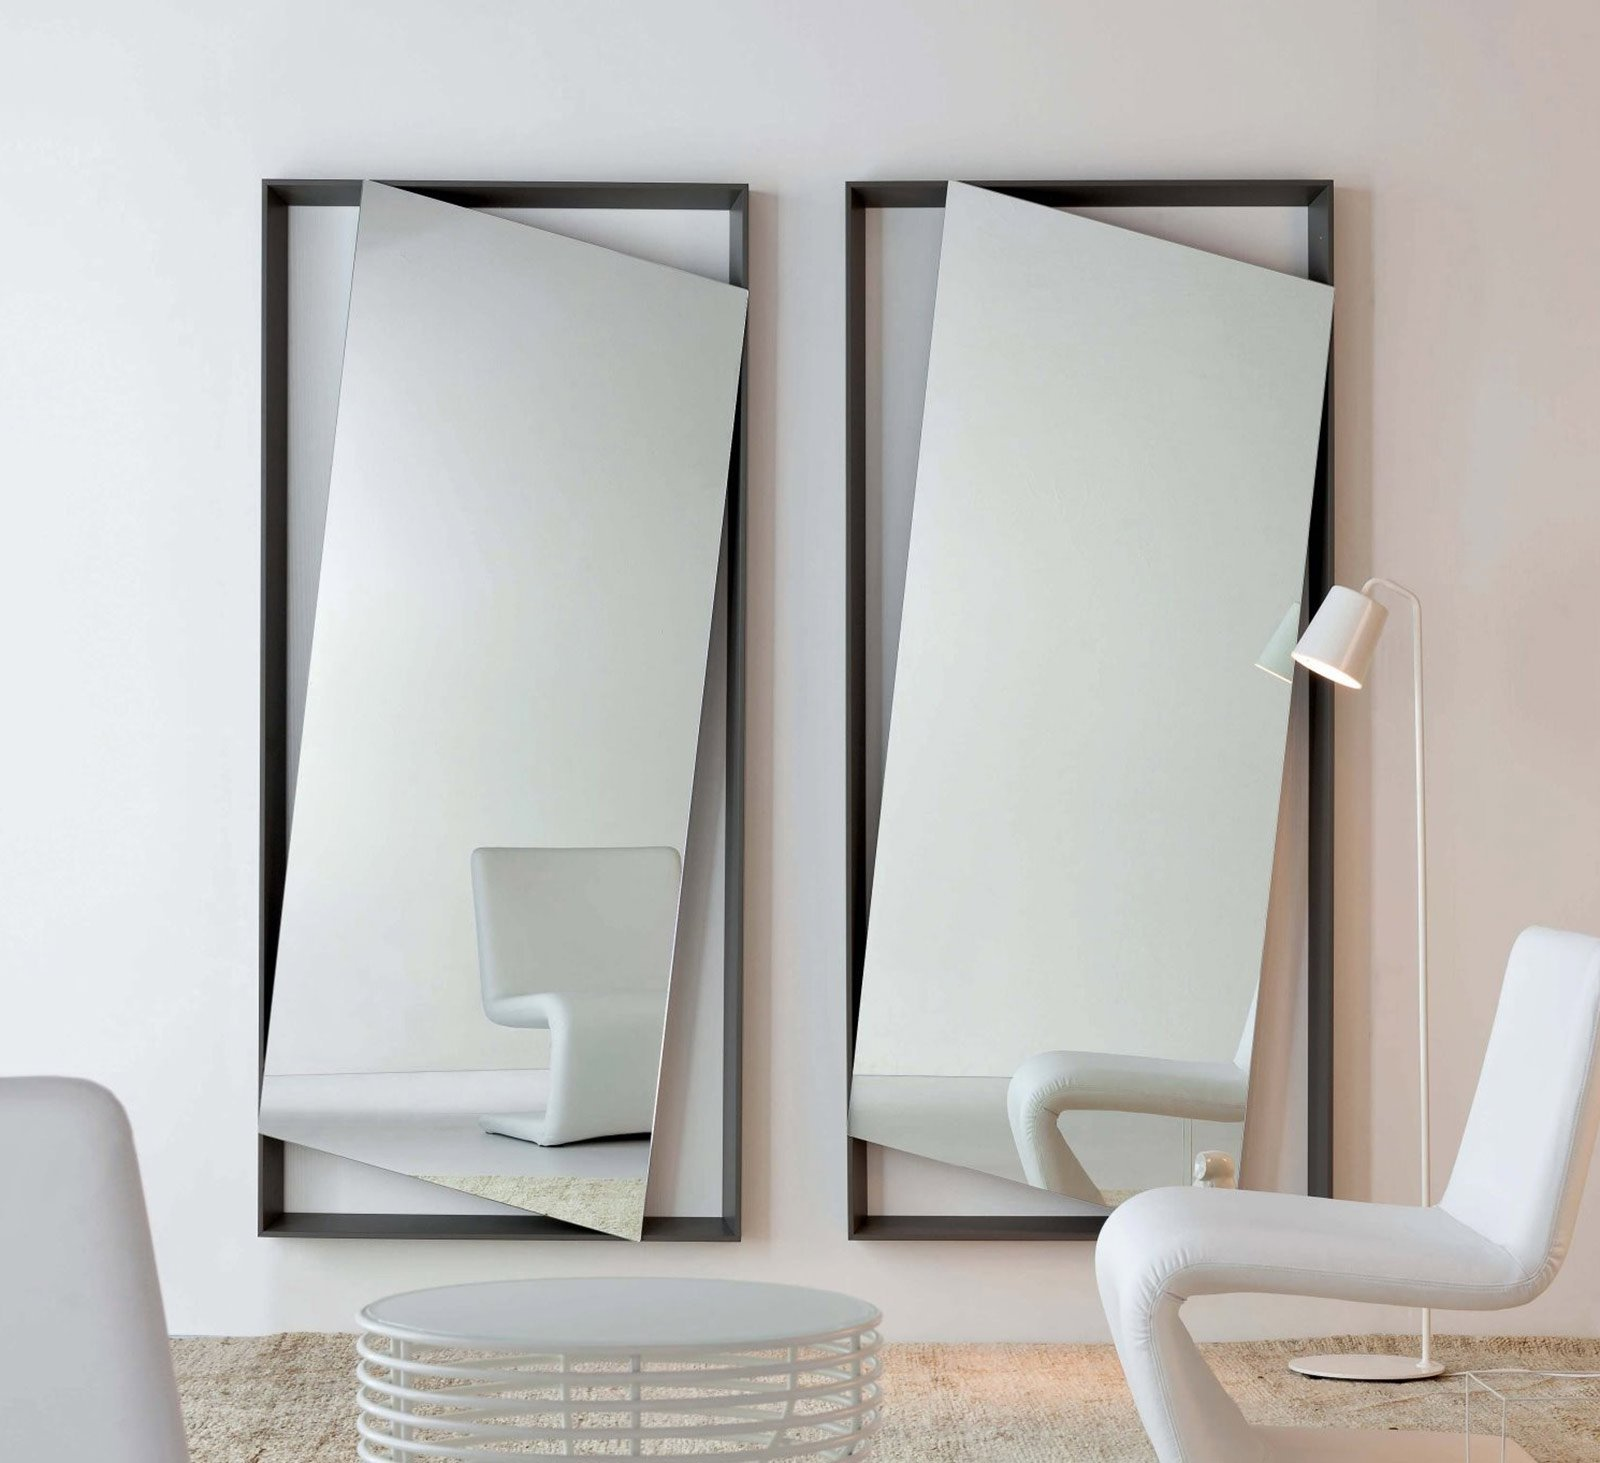 Specchi questione di riflessi cose di casa - Specchio da terra ...